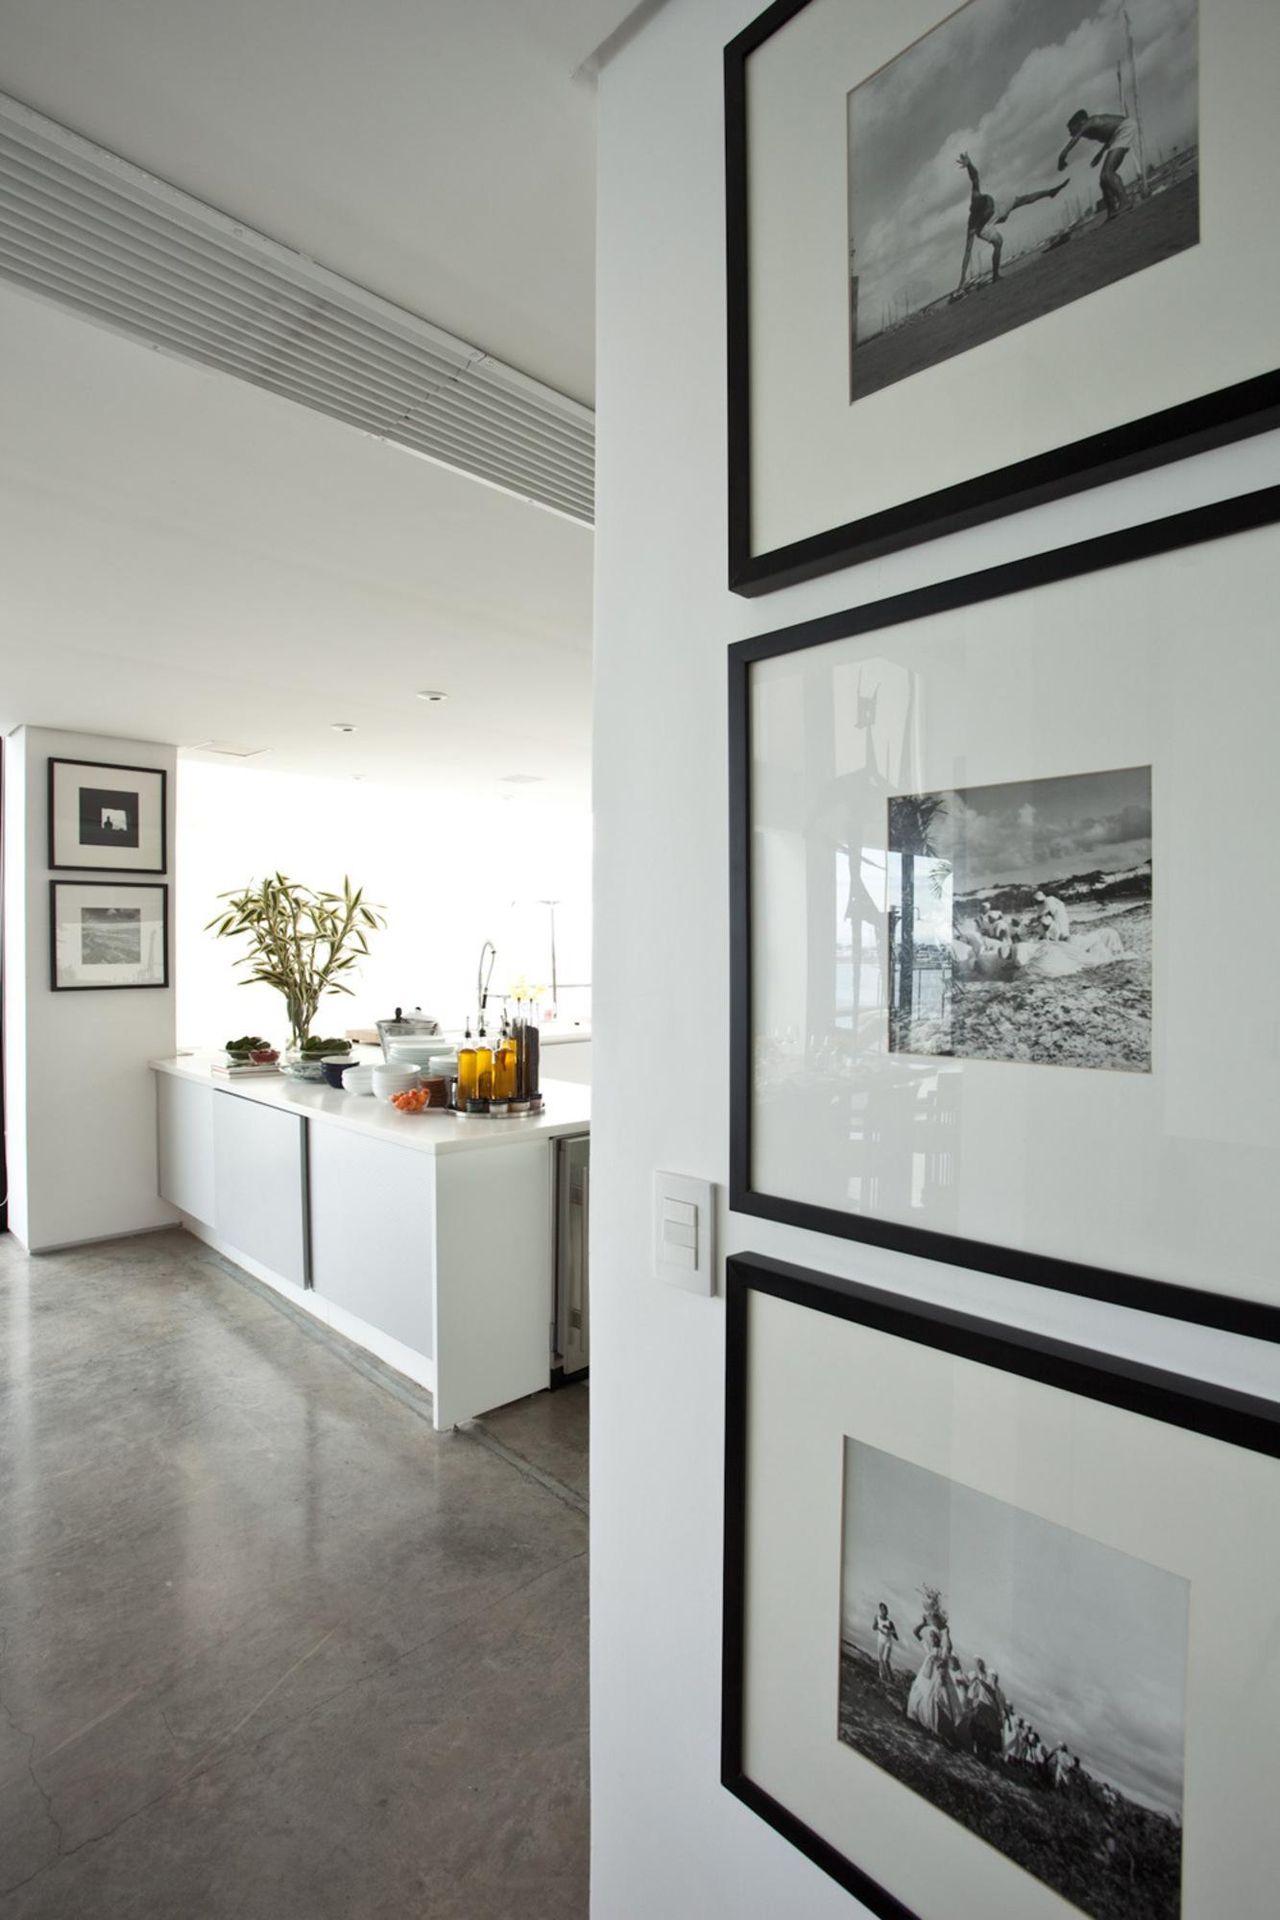 Pequena Bancada Com Itens De Cozinha E Quadros Dec De Db Arquitetos